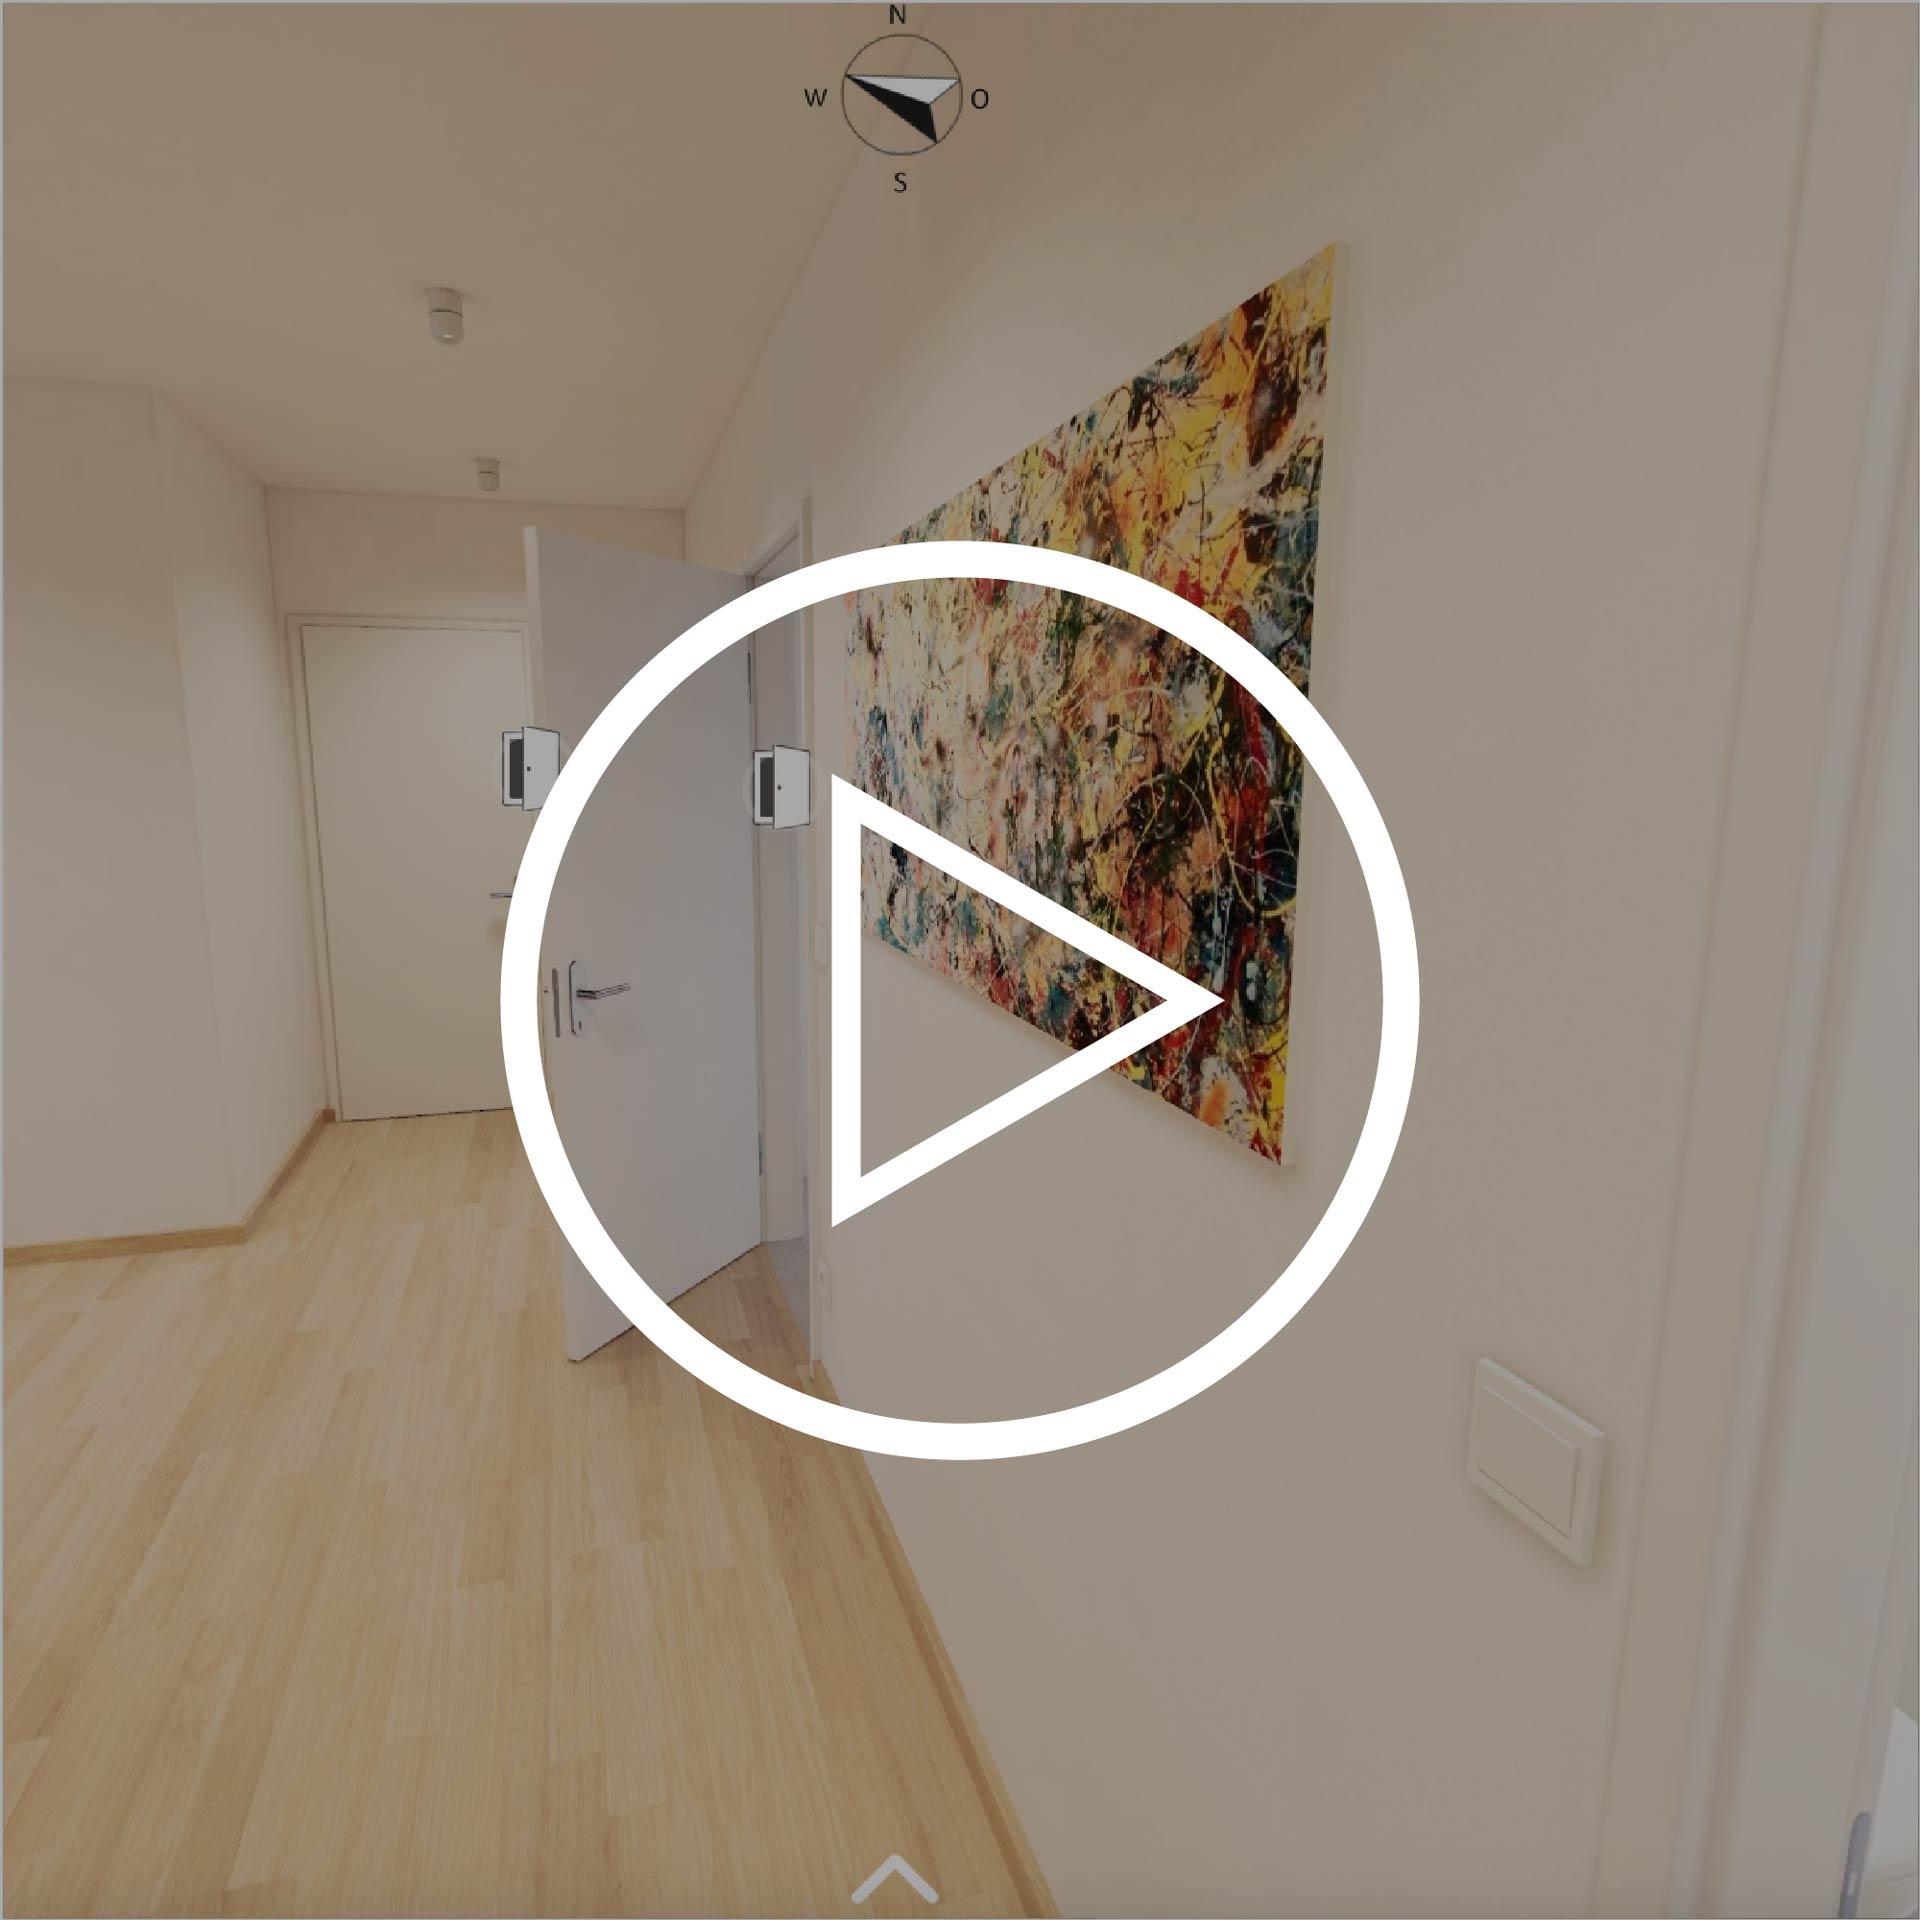 Wohnung Typ 80 Projekt Villach mit Playbutton zur Weiterleitung 3D Rundgang